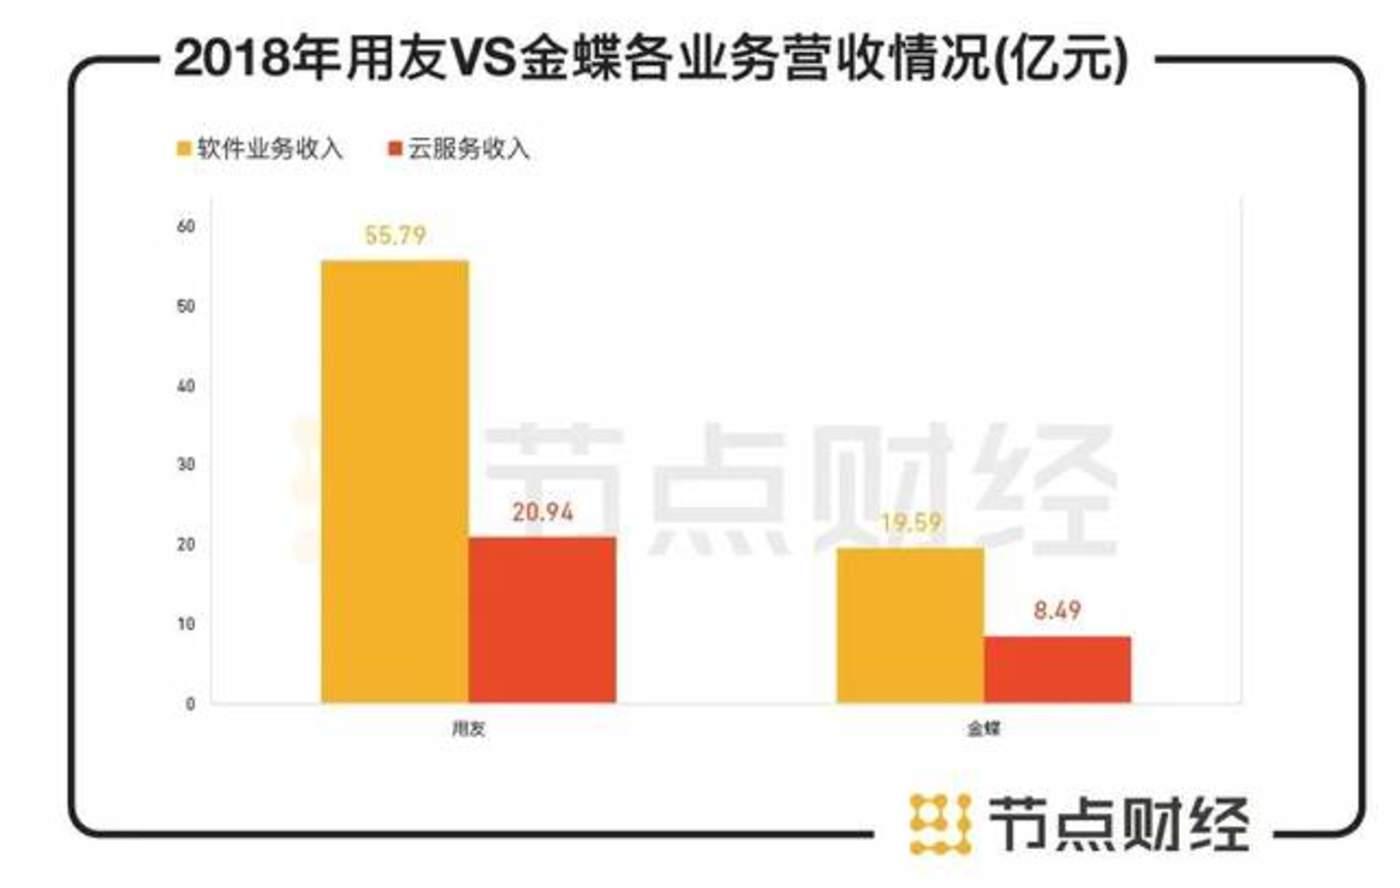 数据来源:用友&金蝶财报